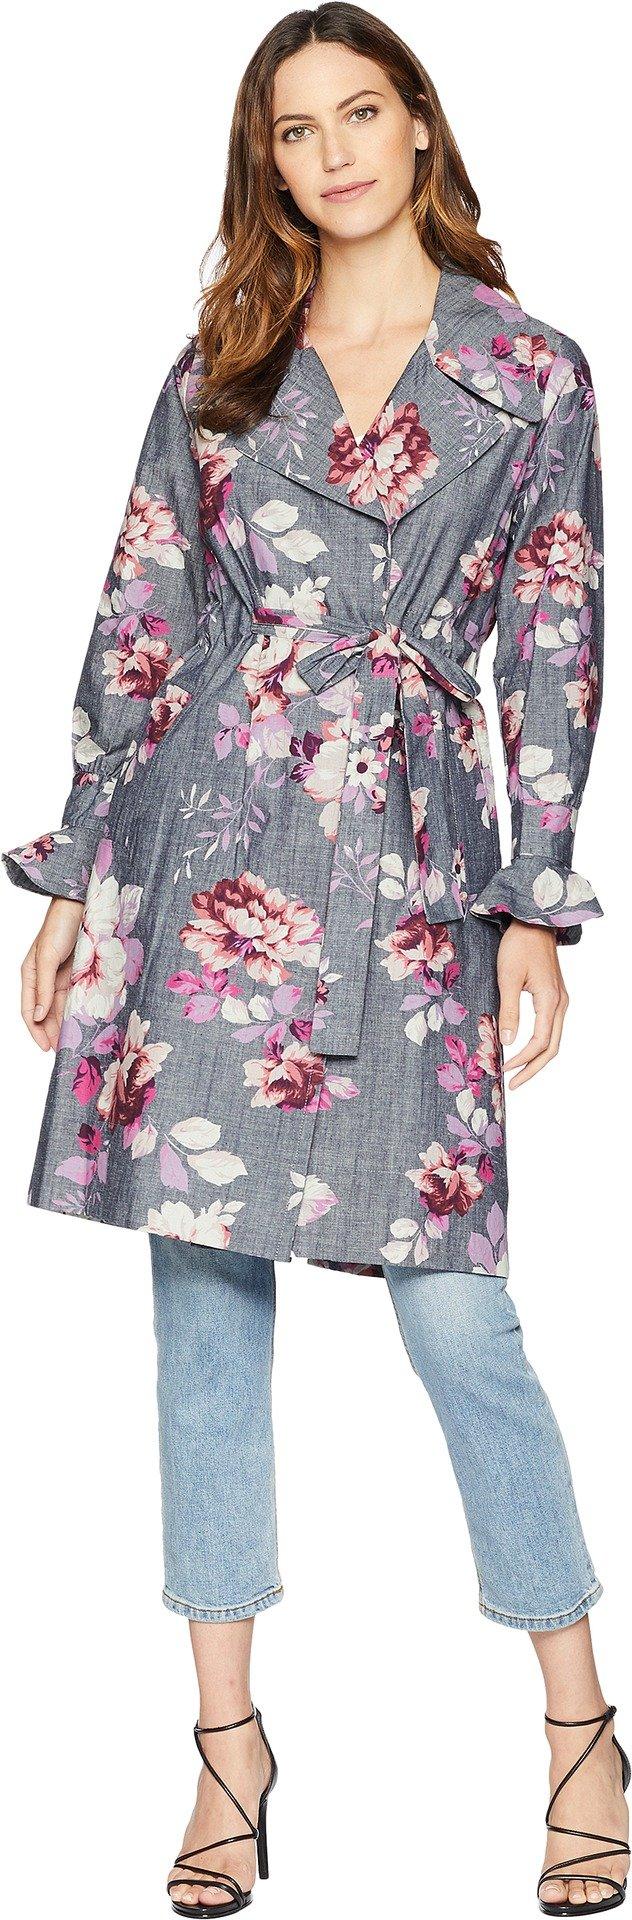 Jill Jill Stuart Women's Nina Coat Rose Print X-Small